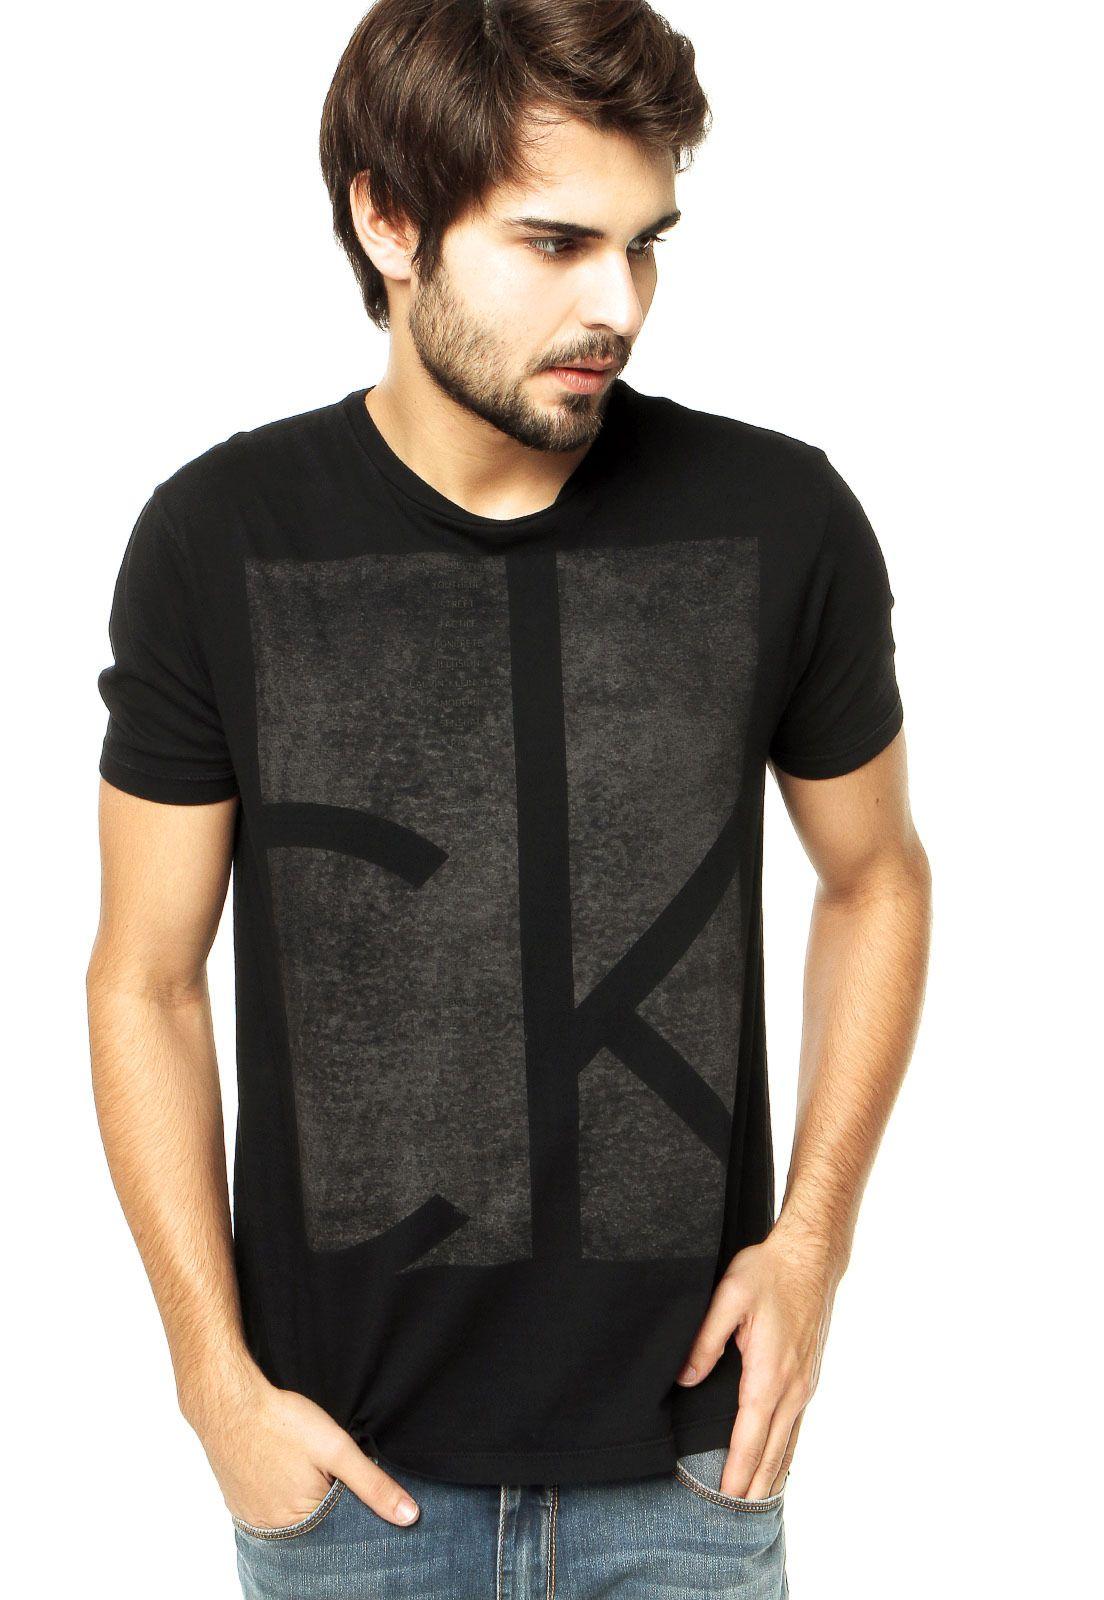 1fbefae82de23 Camiseta Calvin Klein Jeans Preta - Compre Agora